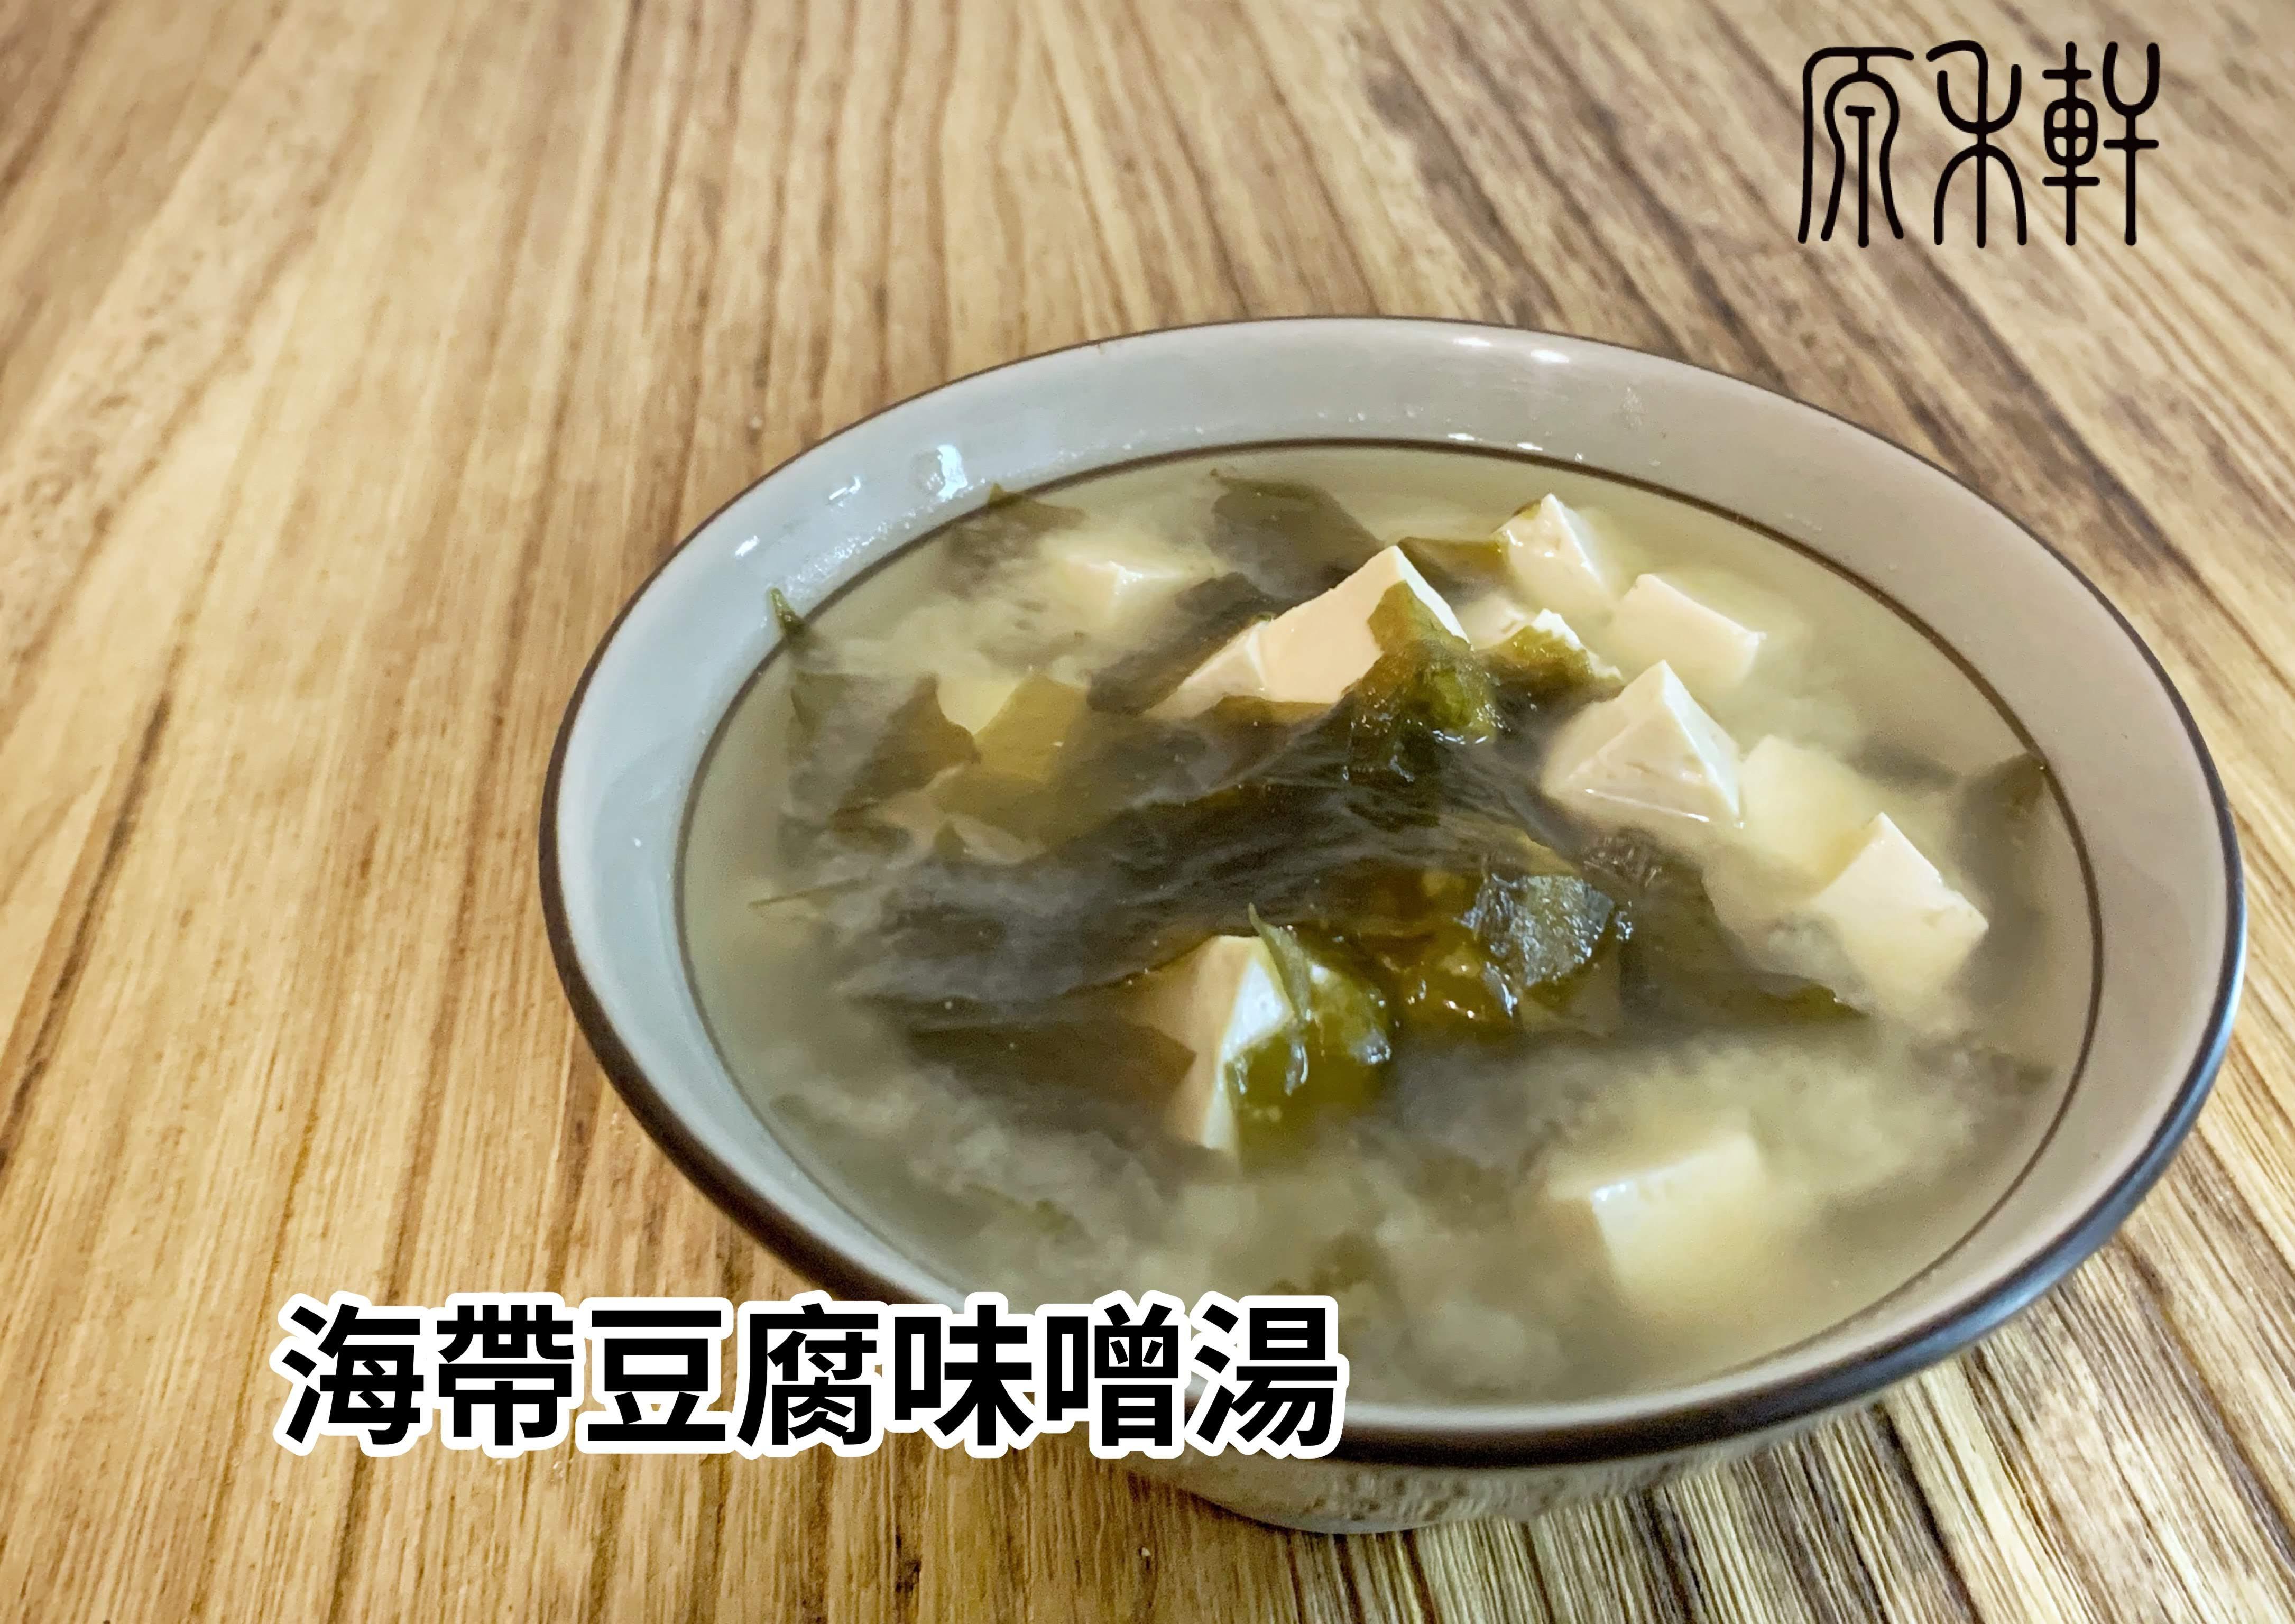 海帶豆腐味噌湯